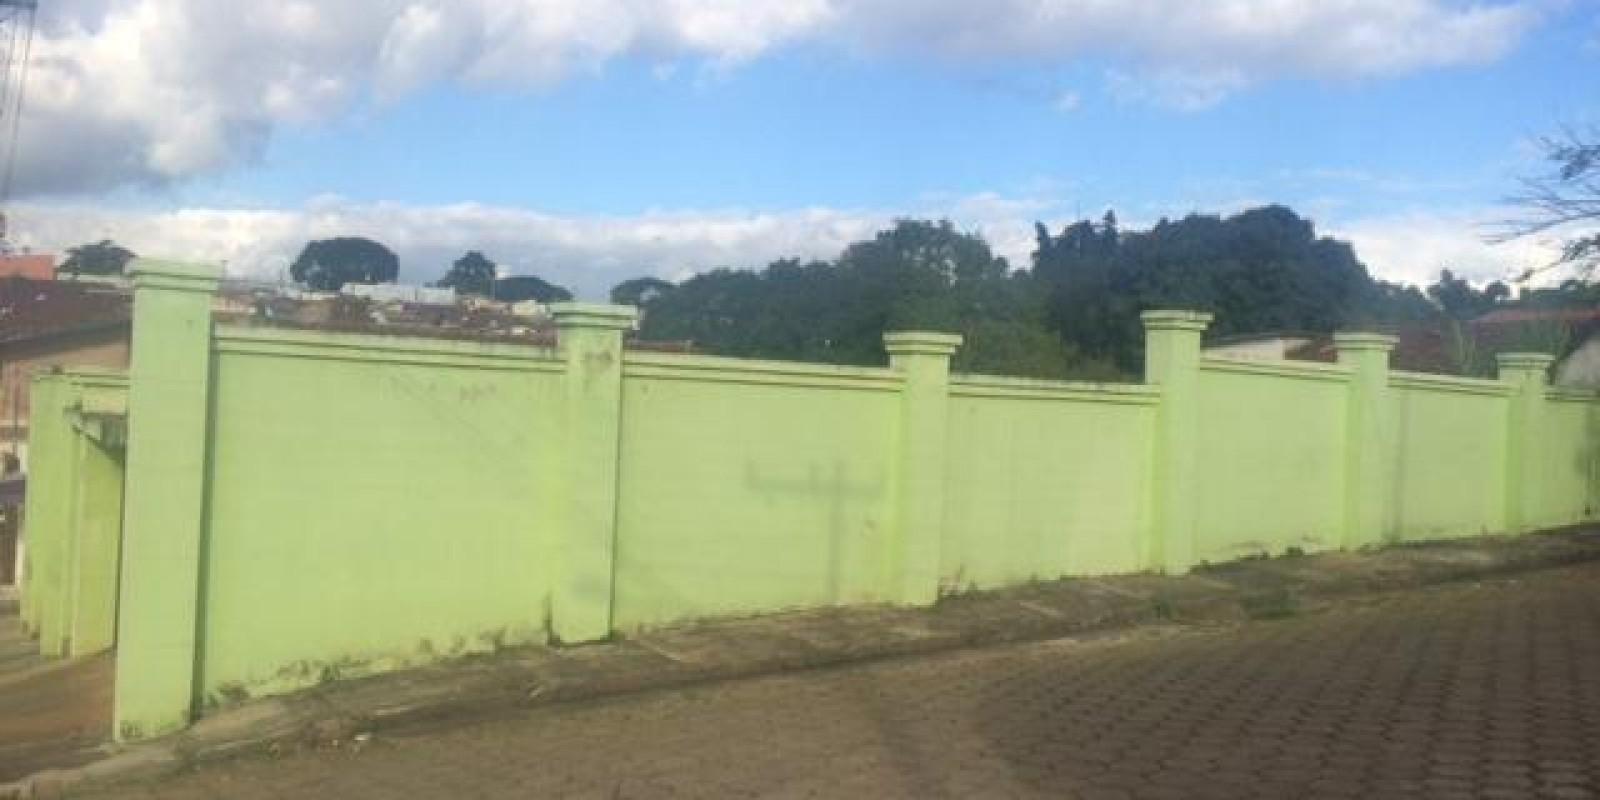 Terreno no Bairro Pinheiro Machado em Avaré SP - Foto 3 de 4